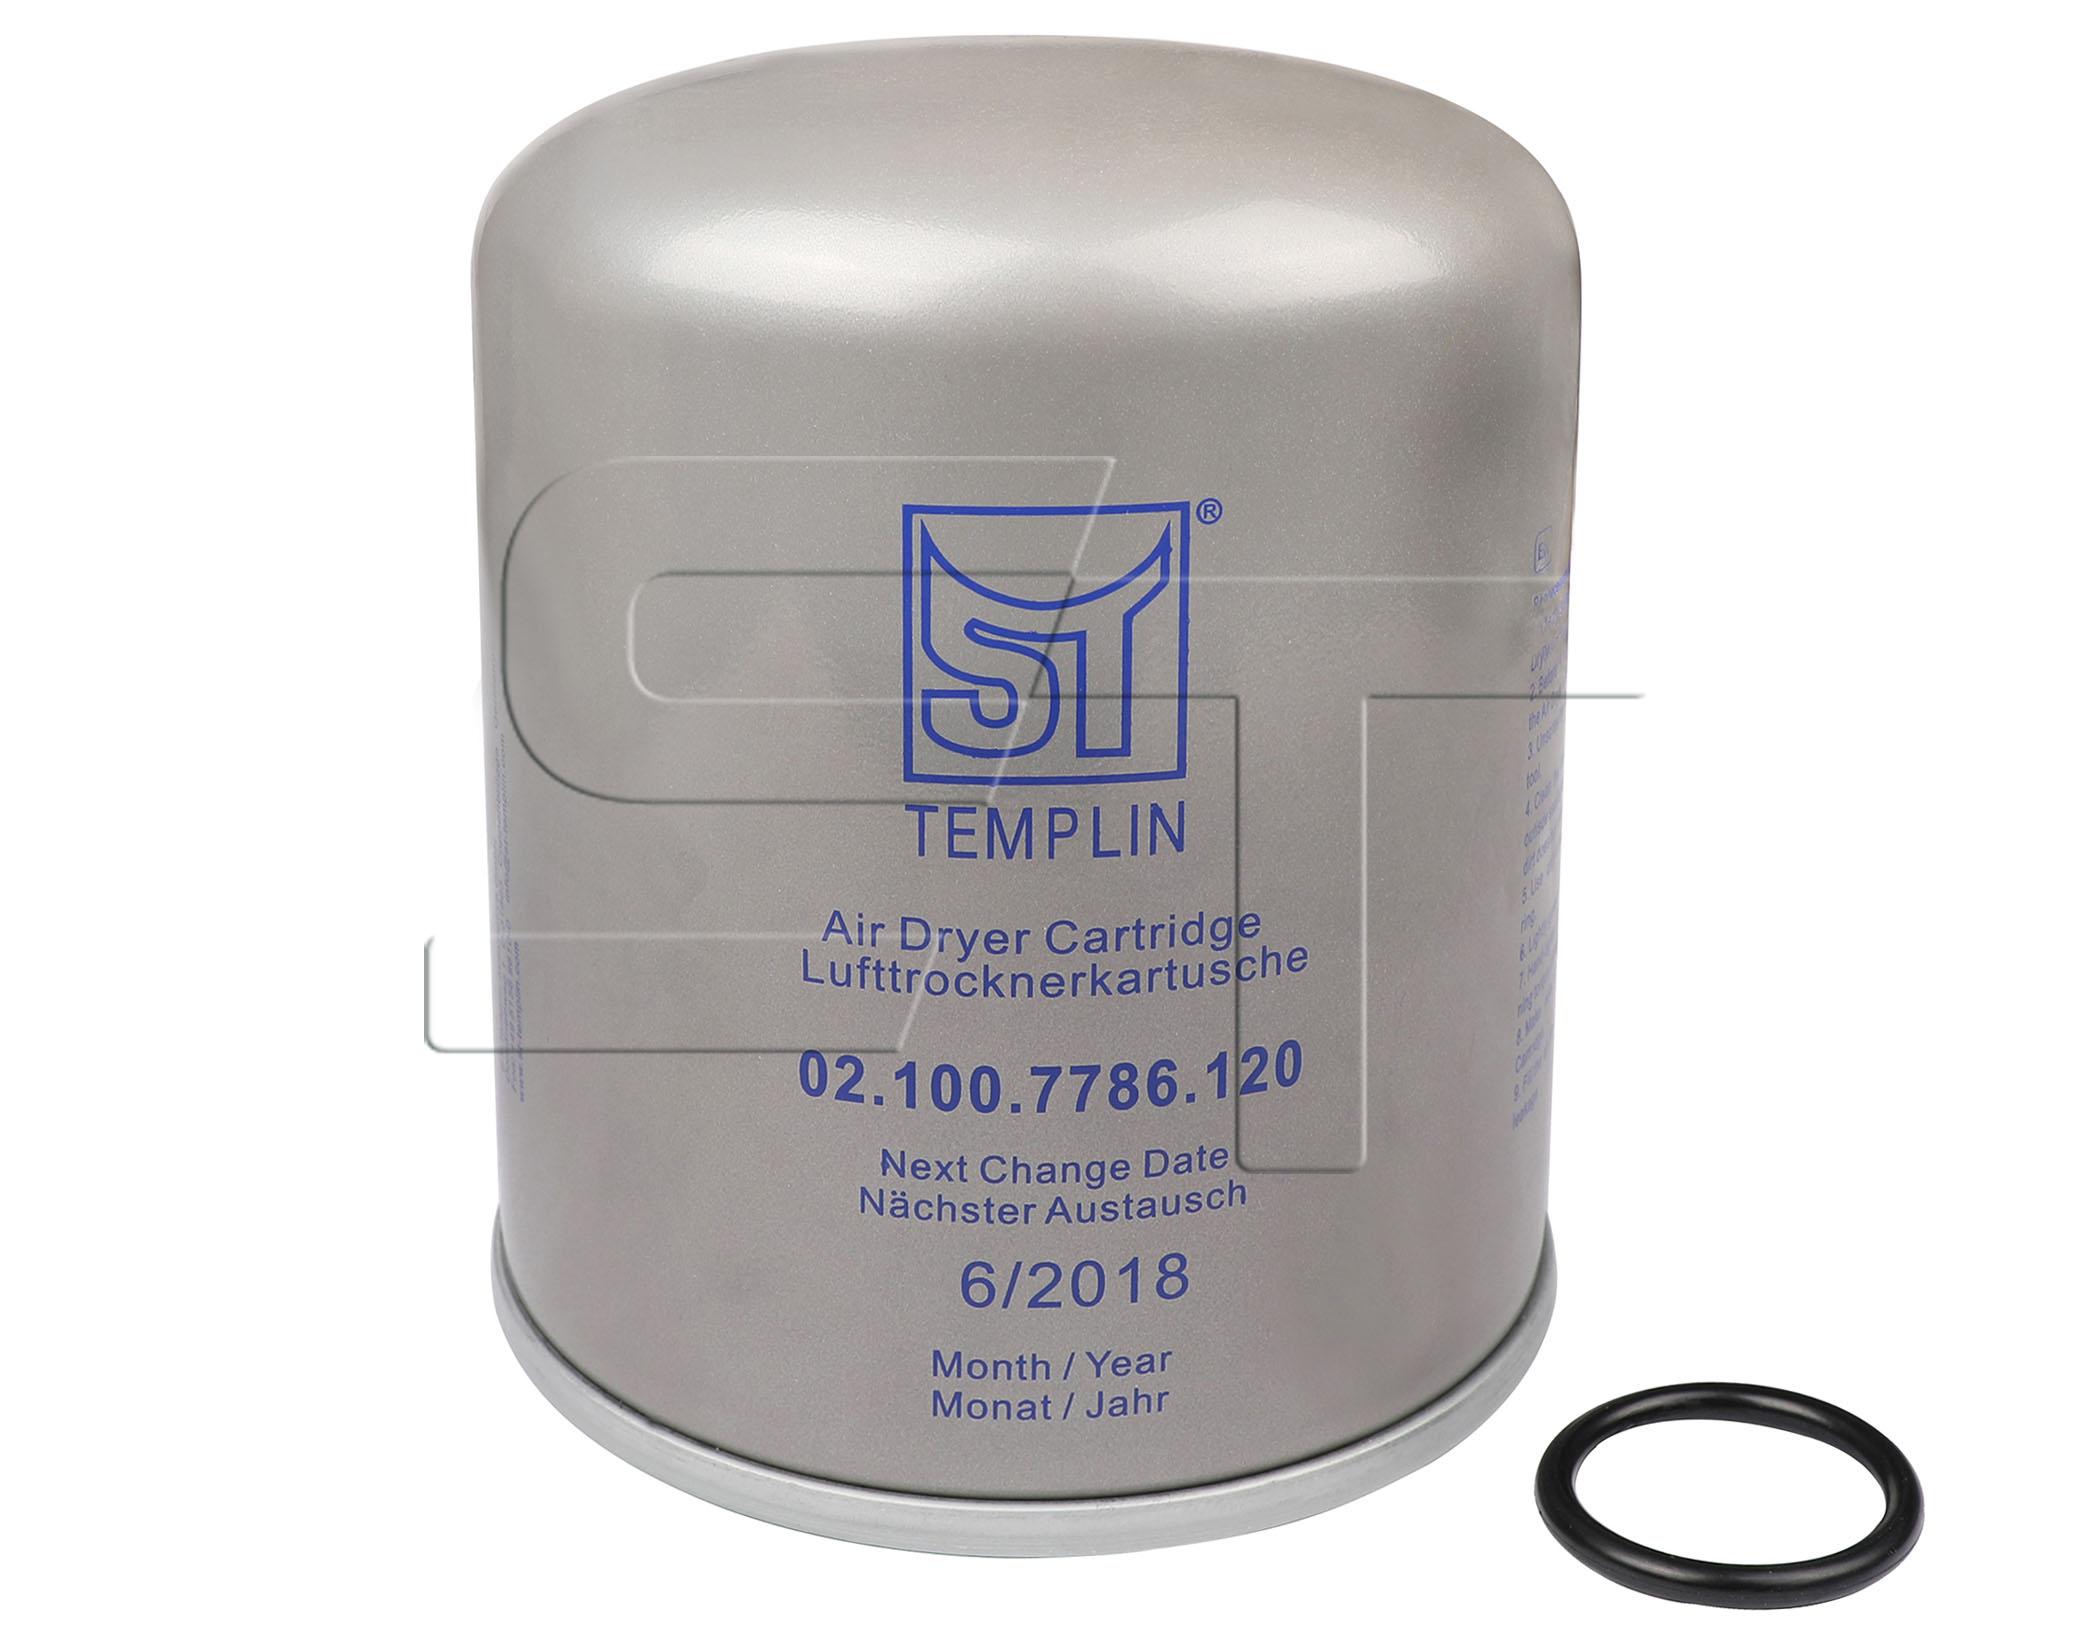 Lufttrocknerkartusche mit Ölfilter